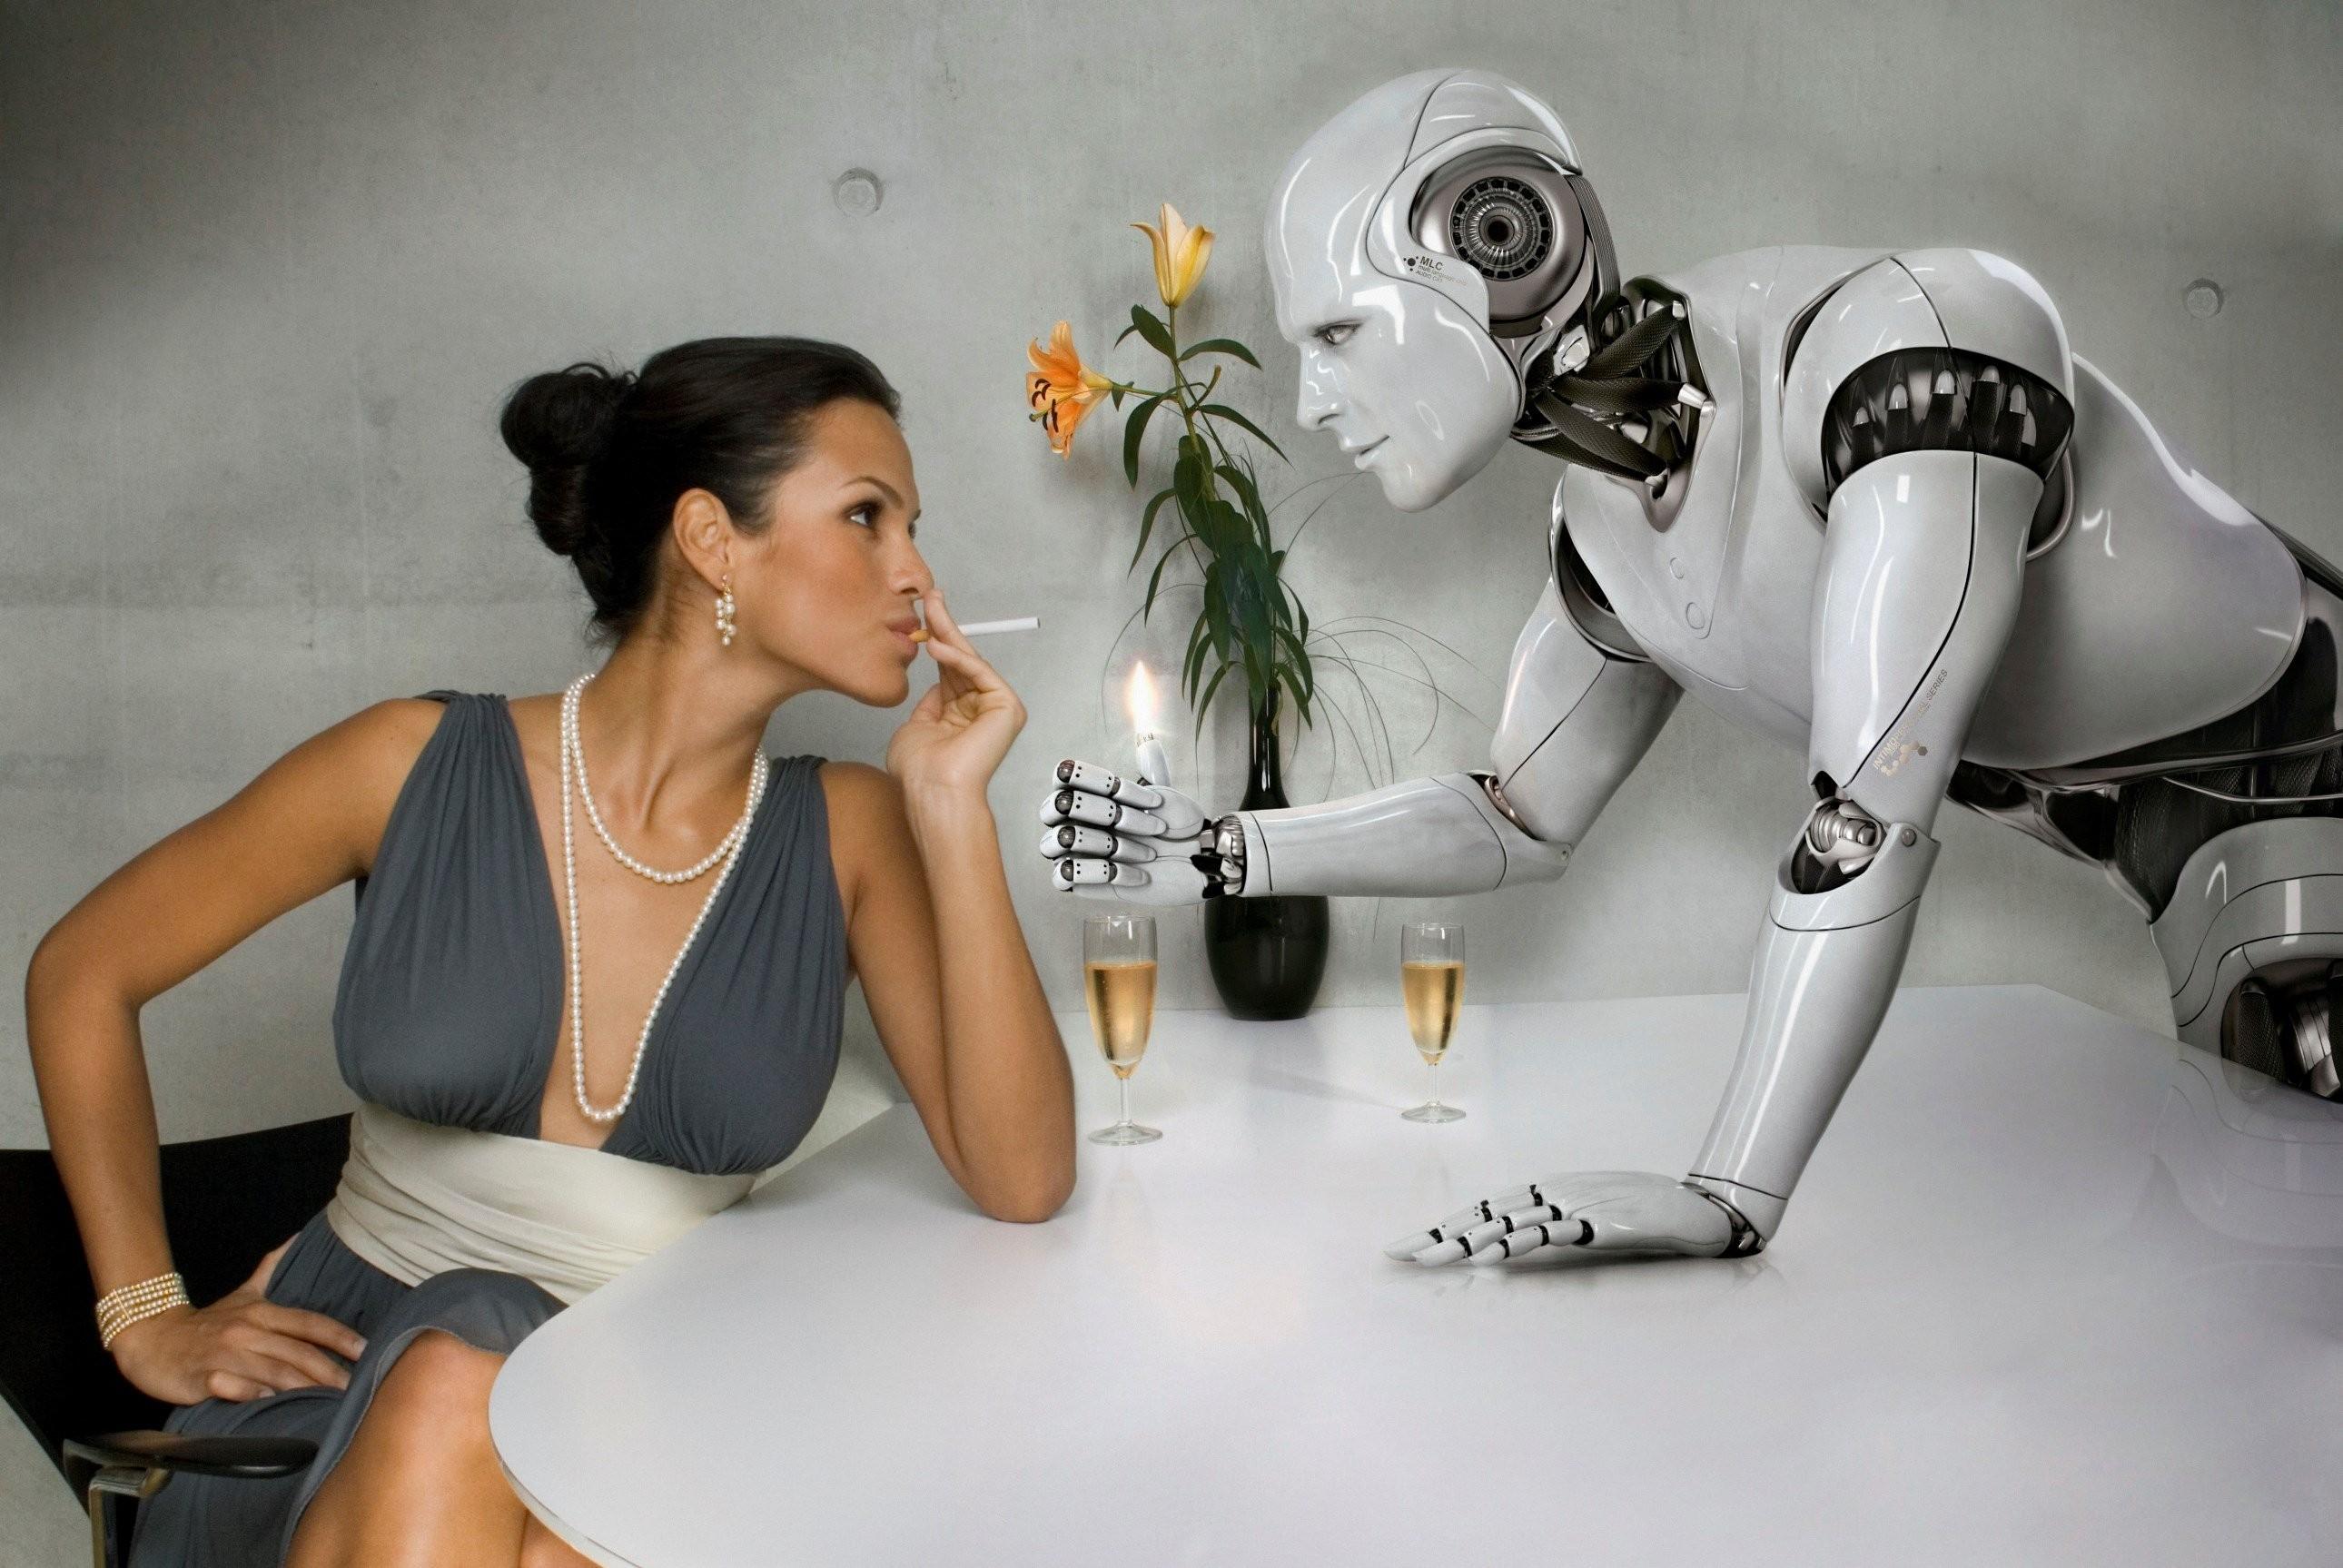 Секс-роботы, заменяющие человека, появятся в следующем году